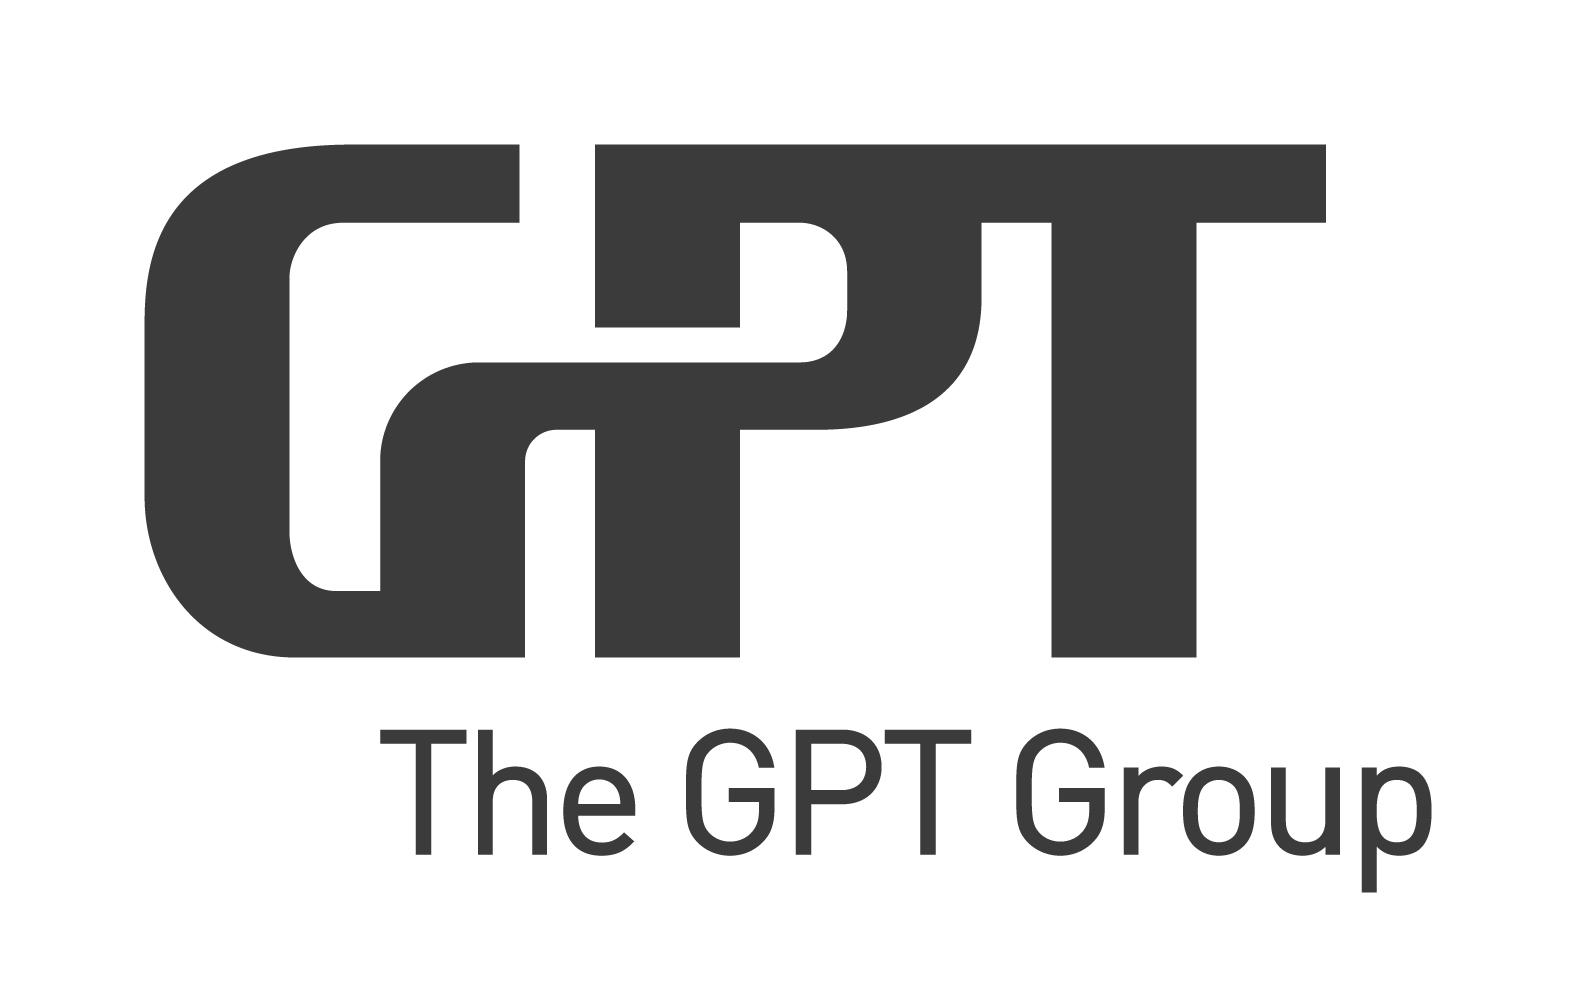 GPT_GROUP_POS_CMYK.JPG